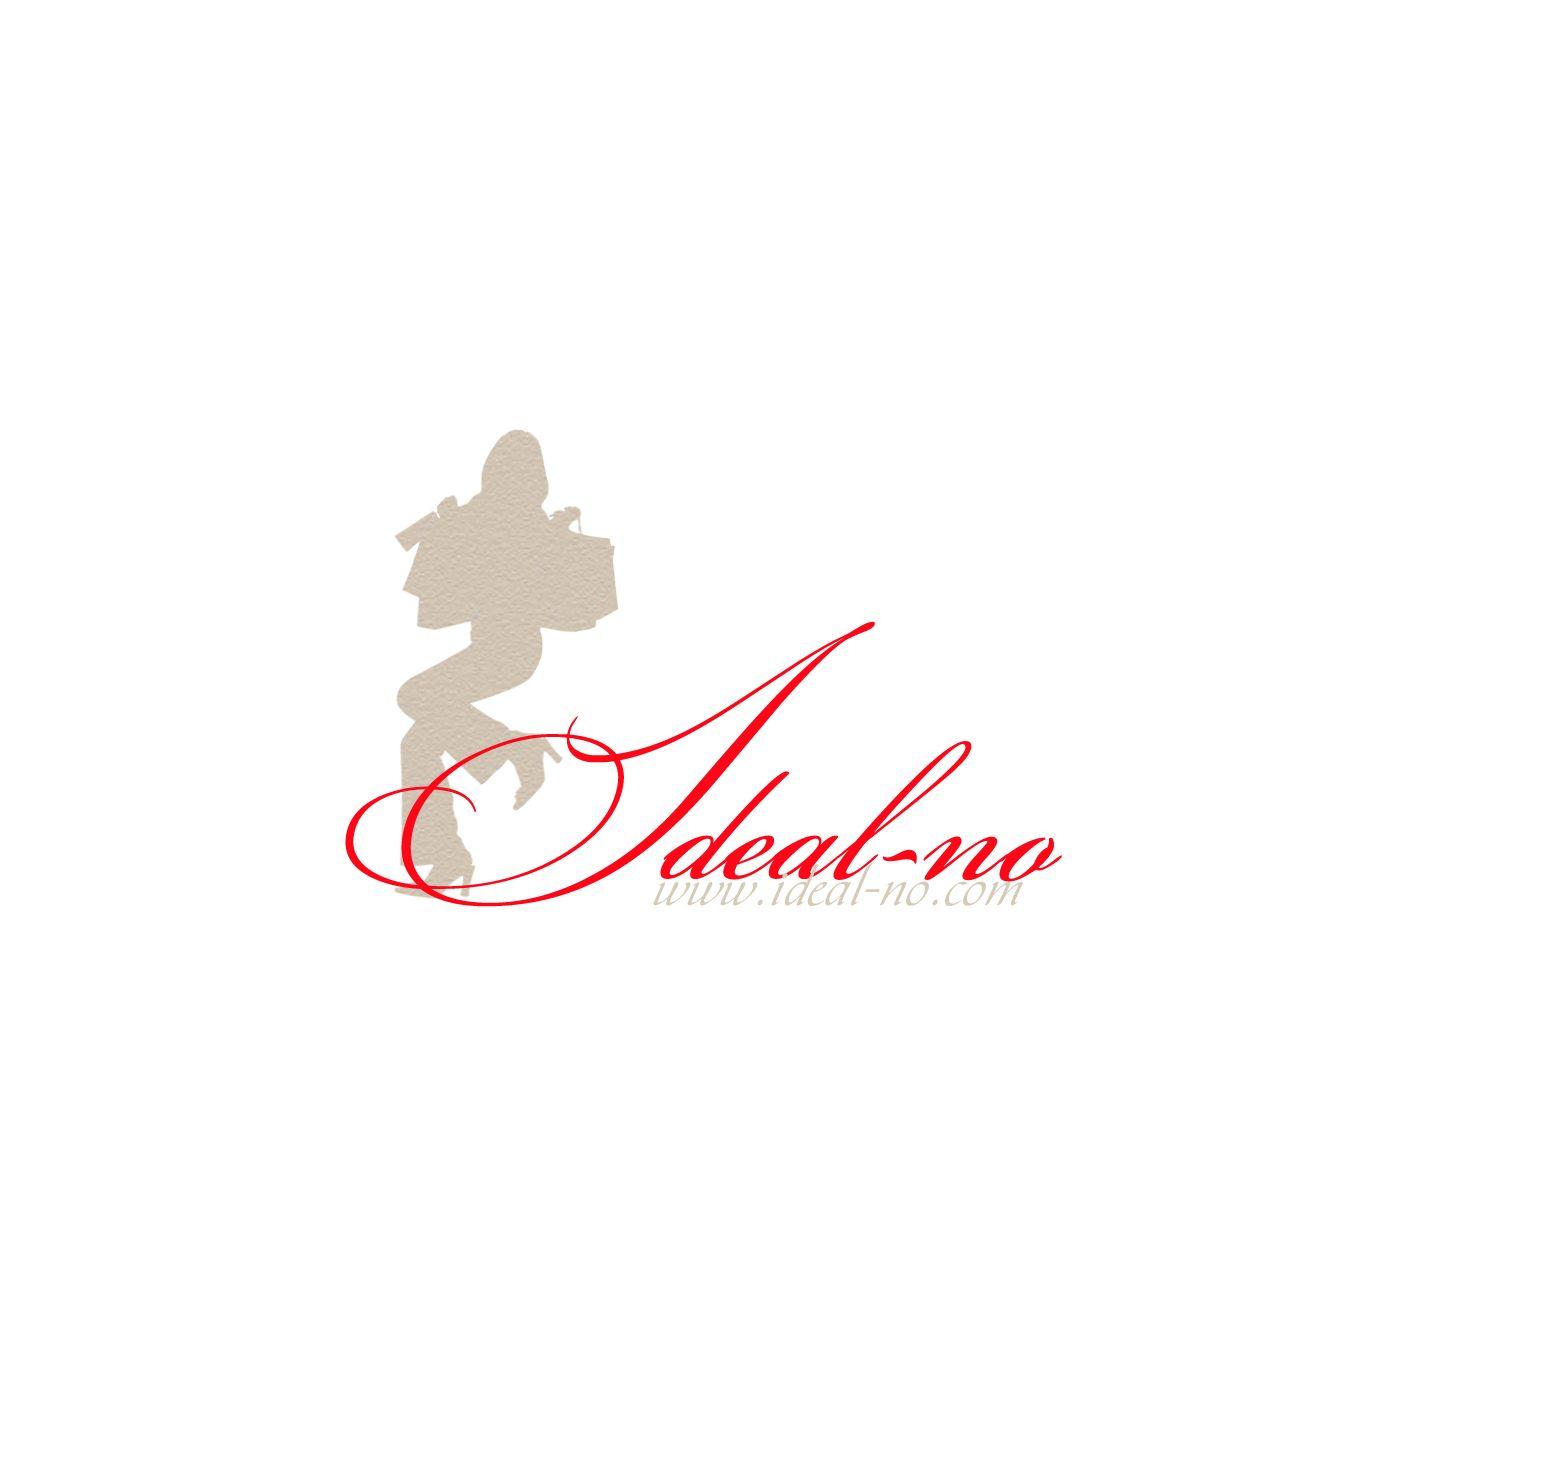 Логотип ideal-no.com - дизайнер DaXsi